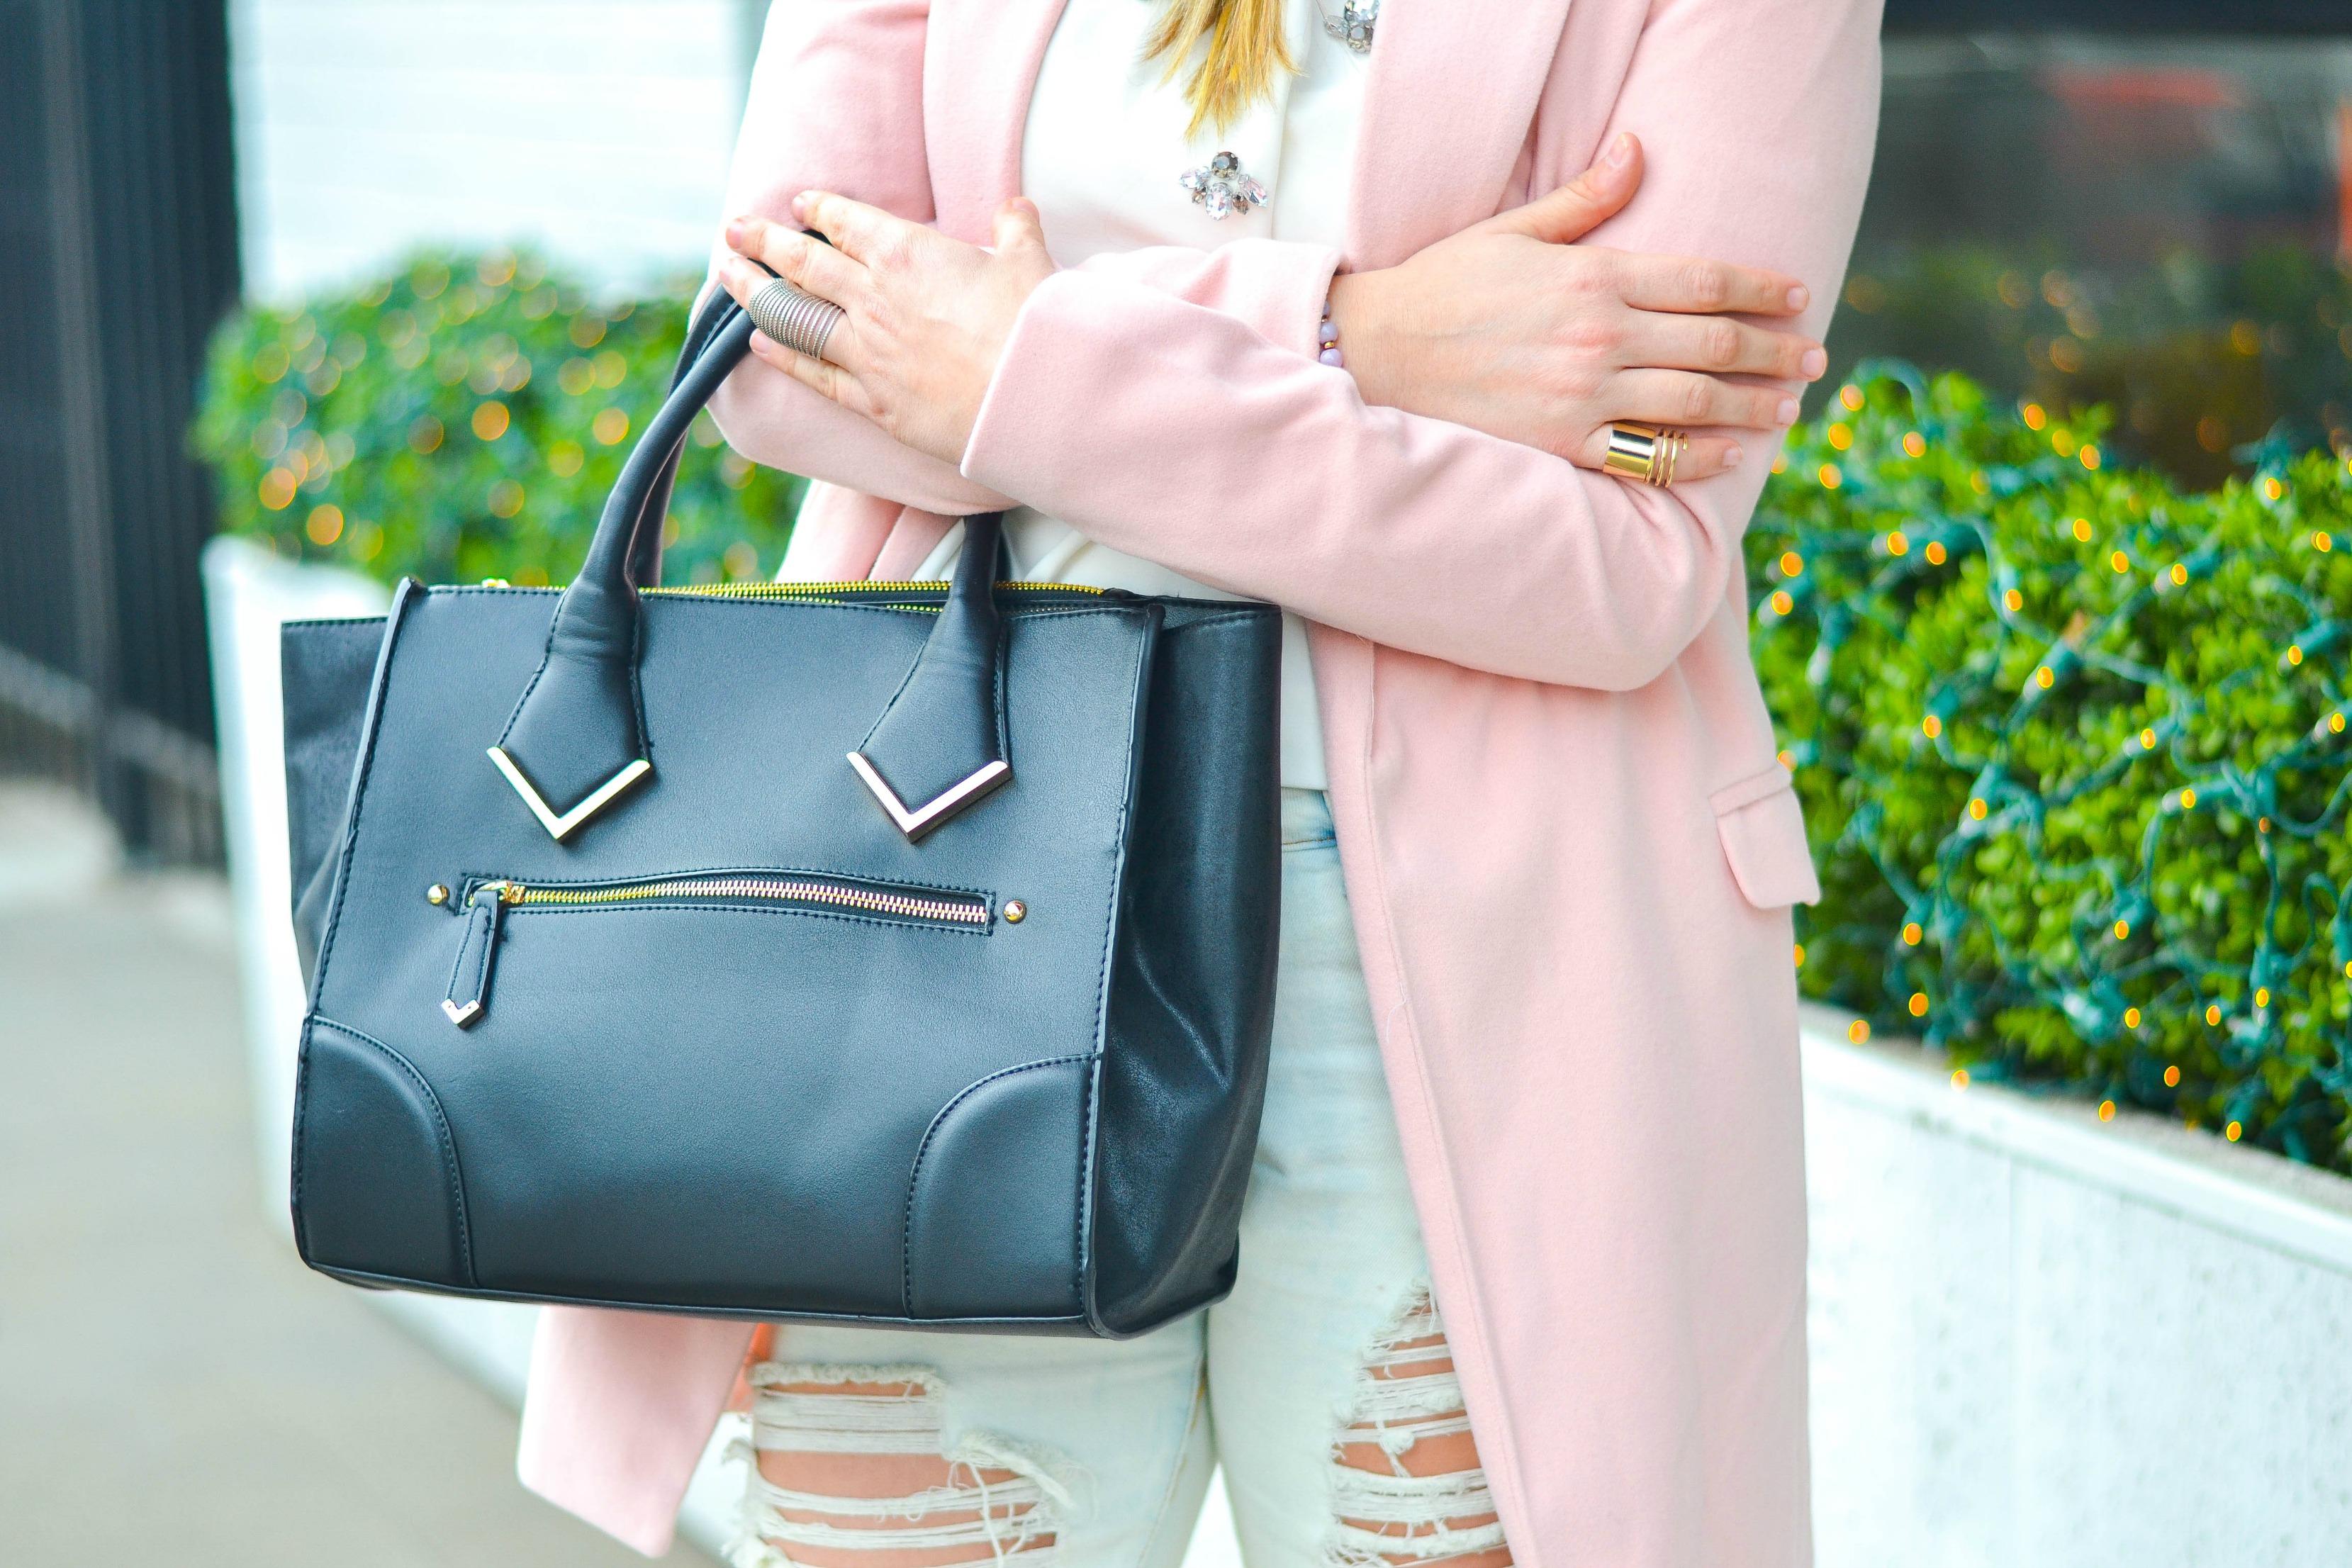 blush outerwear